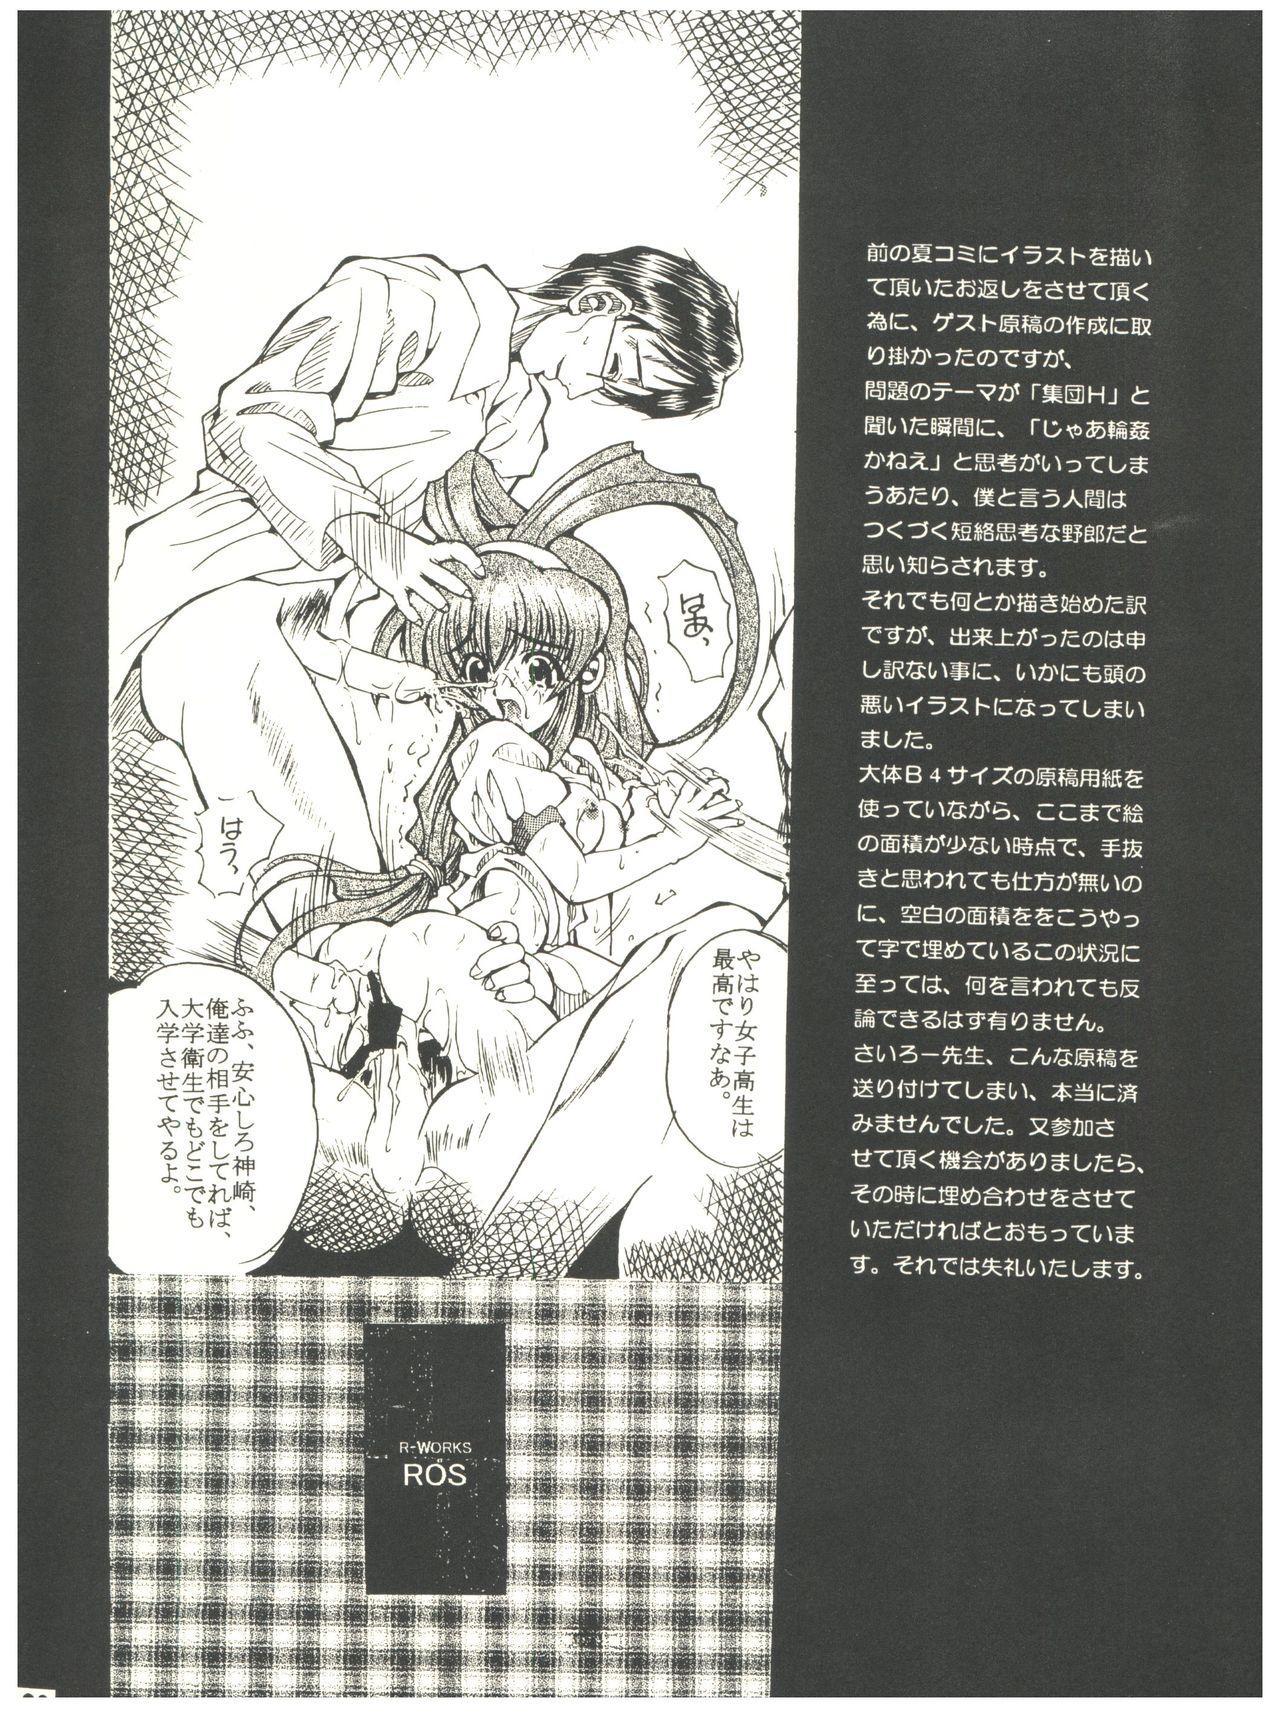 [Sairo Publishing (J. Sairo) En-Jack 2 (Various) 79